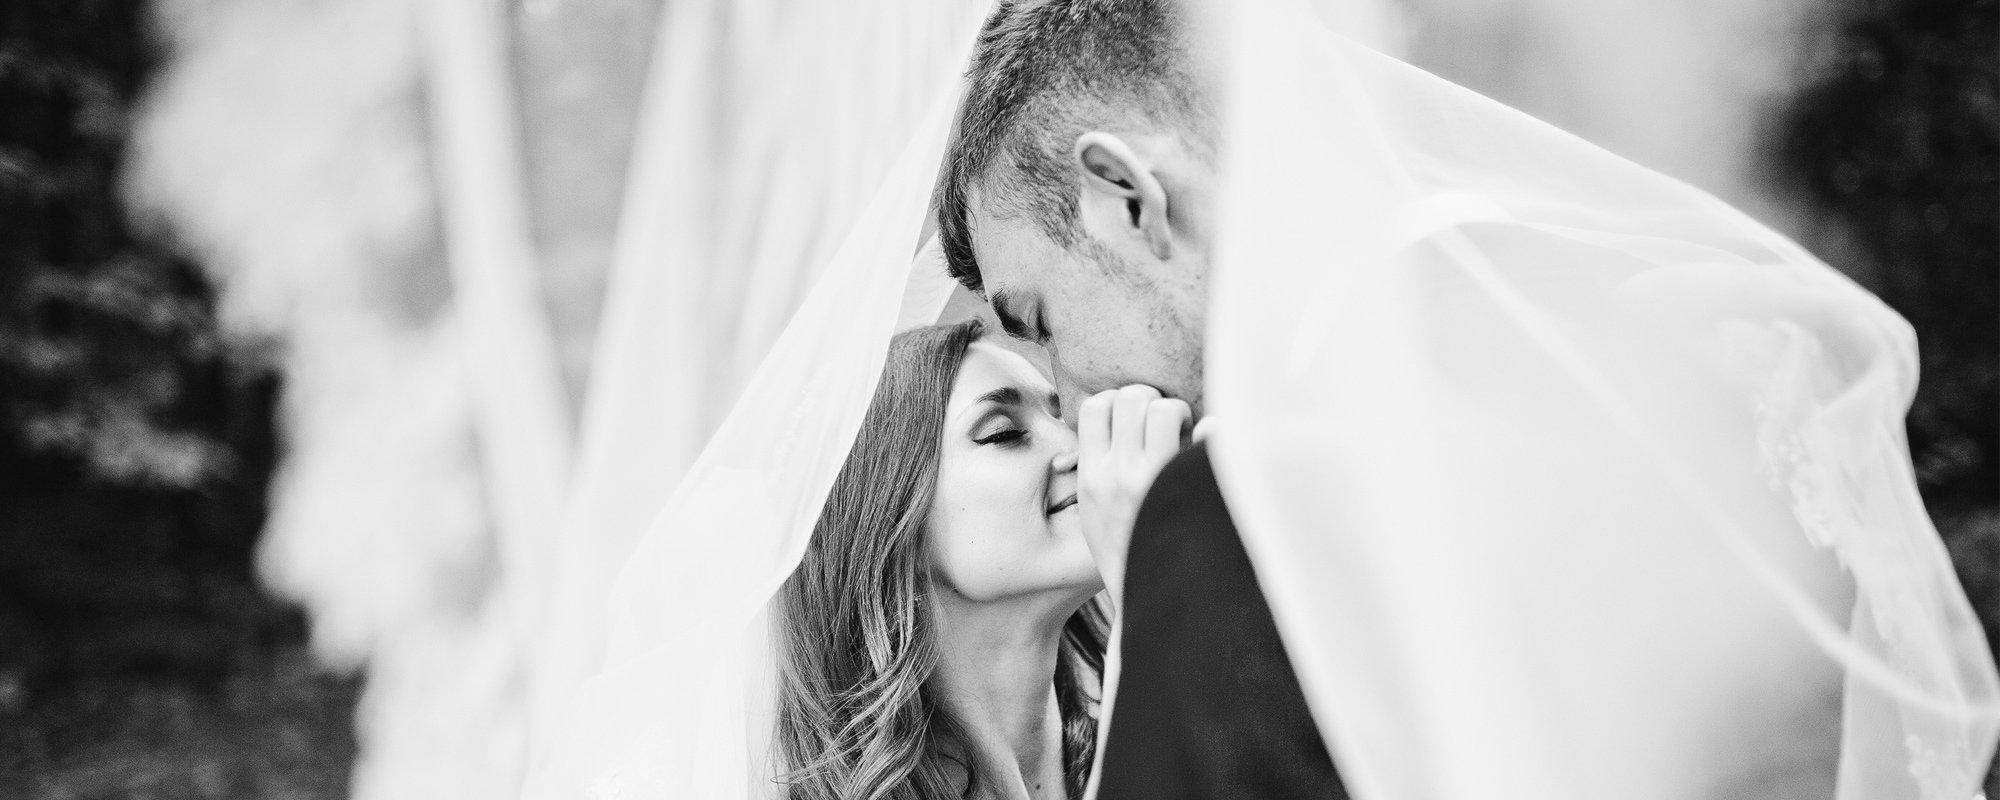 Il giorno del matrimonio è forse il più importante nella vita di una coppia